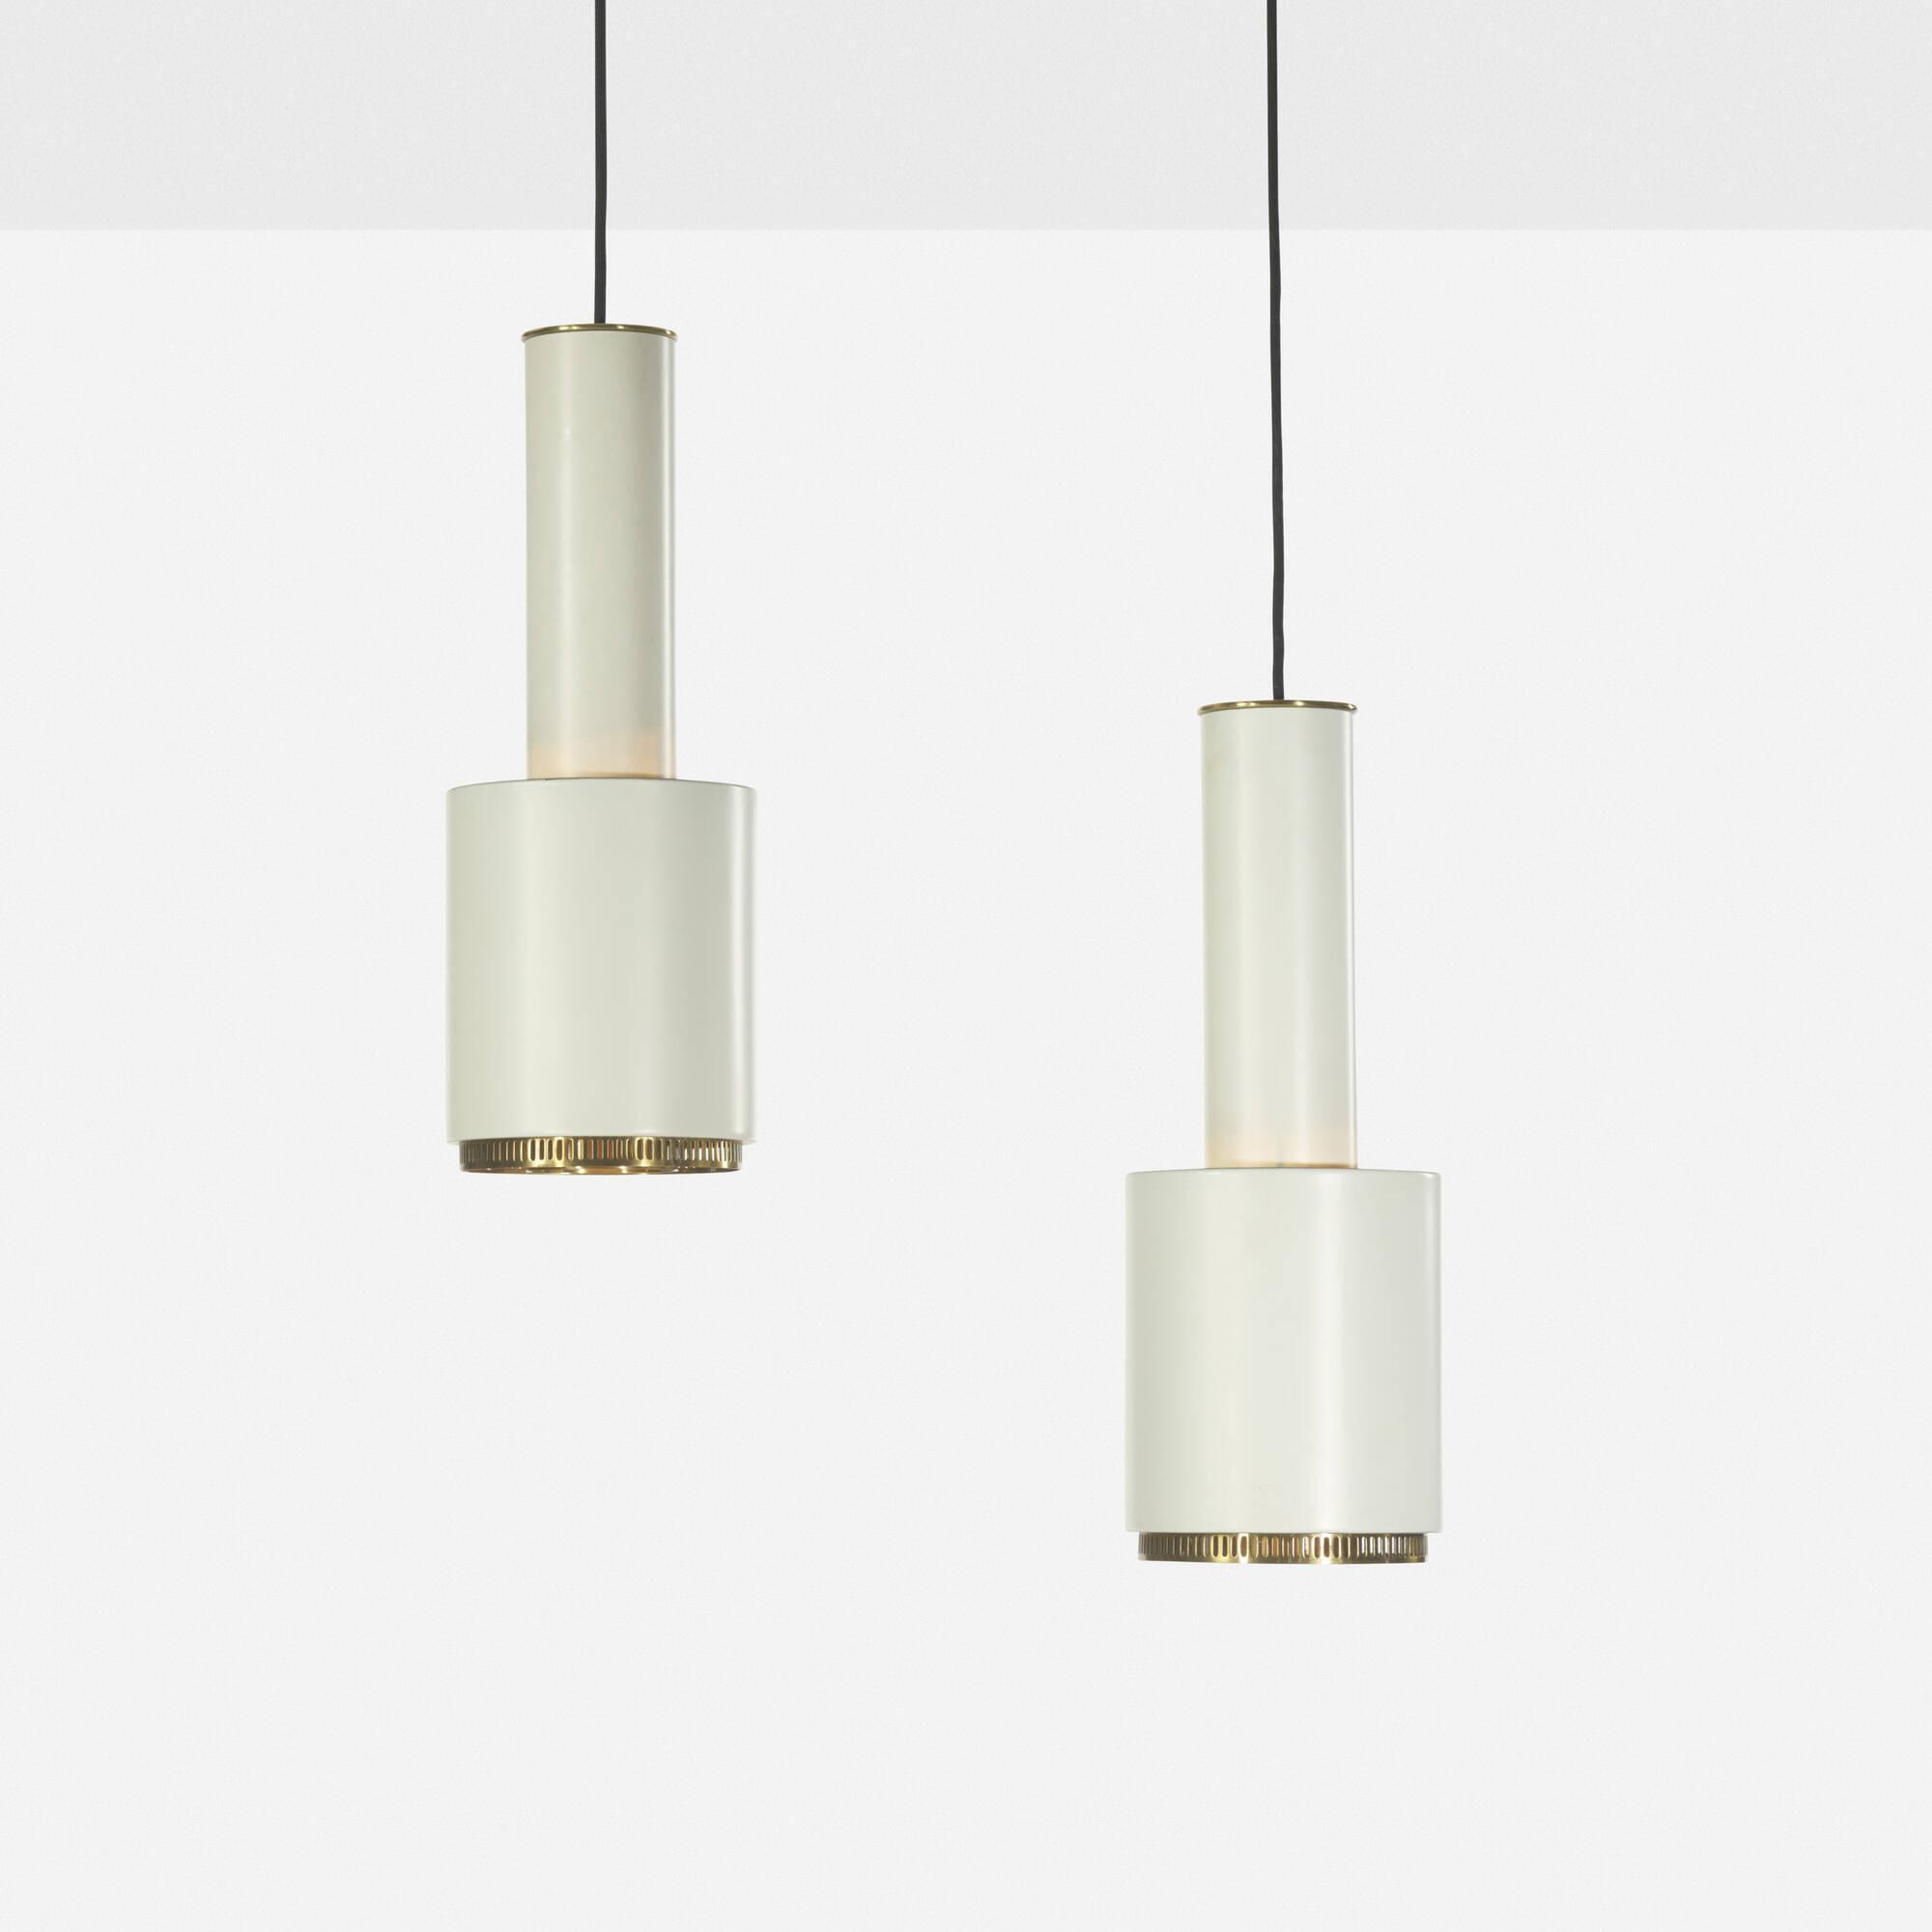 162: Alvar Aalto / pendant lamps, pair (1 of 1)